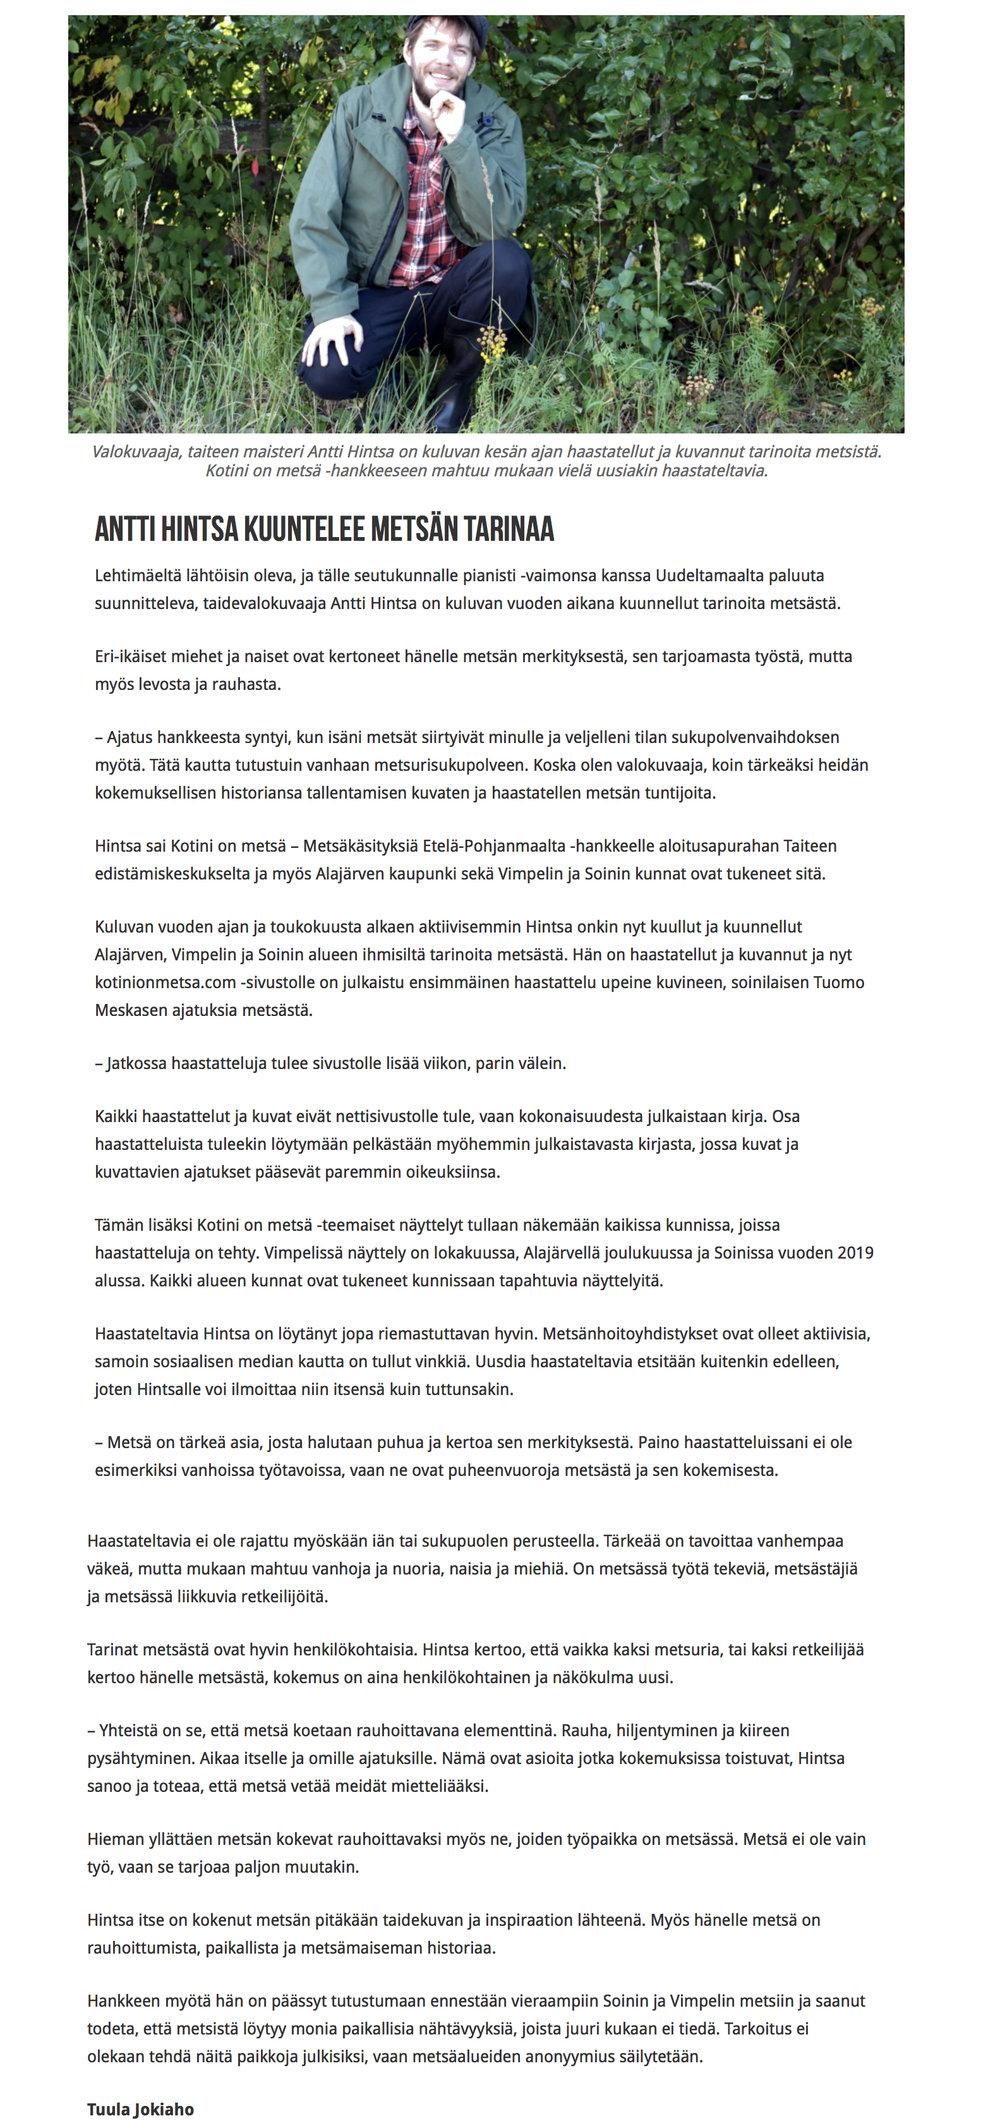 Julkaistu Torstai-lehdessä syyskuussa 2018 (yllä)